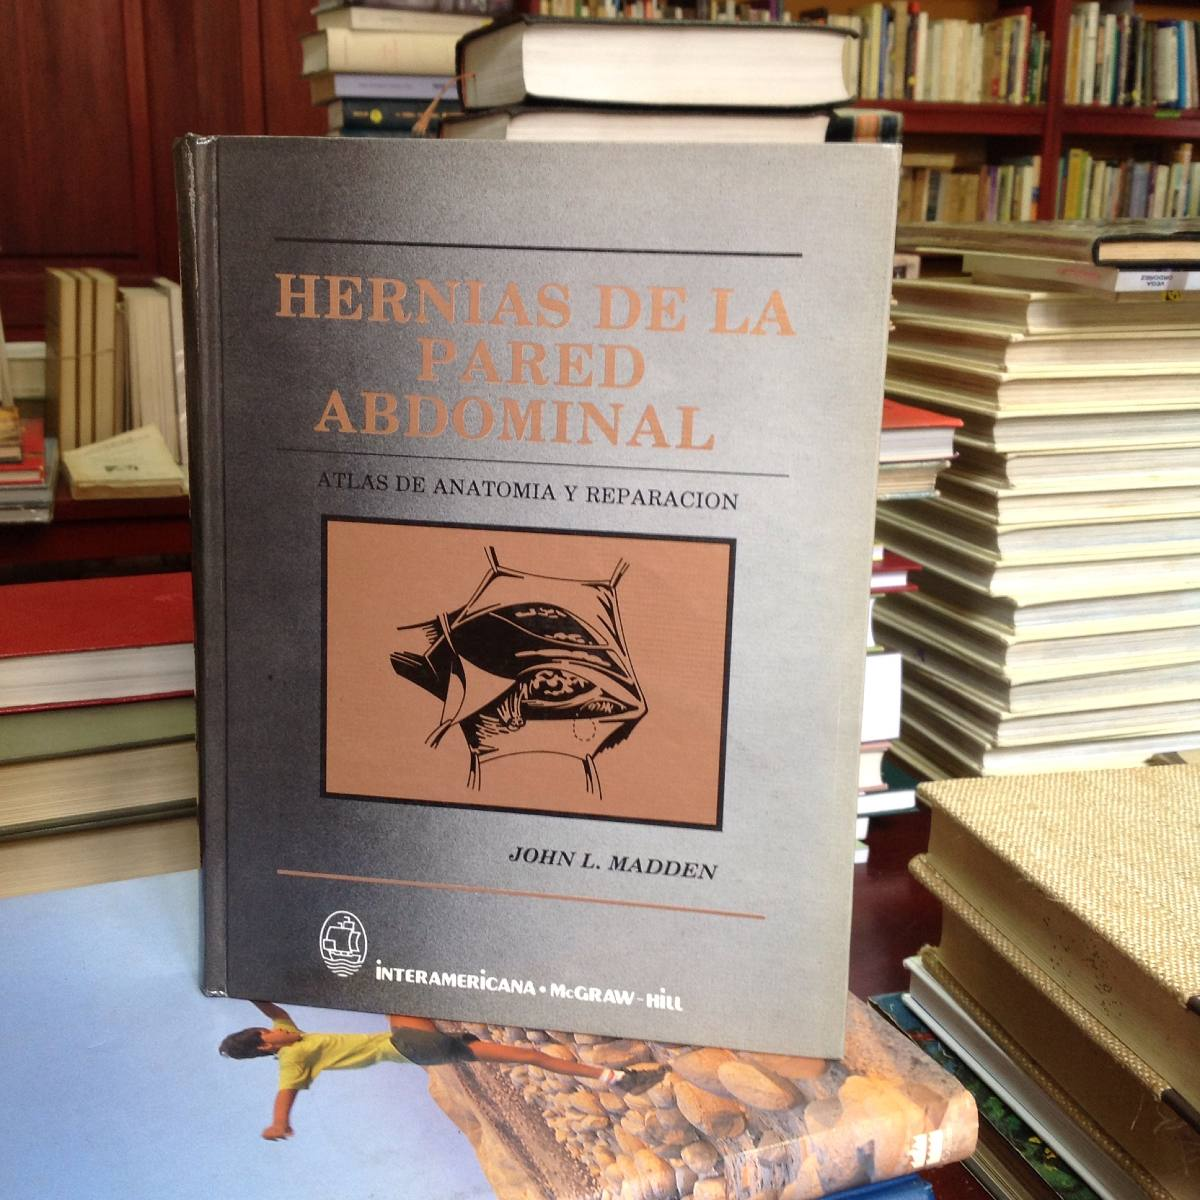 Atractivo Hernia Anatomía Fotos Regalo - Imágenes de Anatomía Humana ...